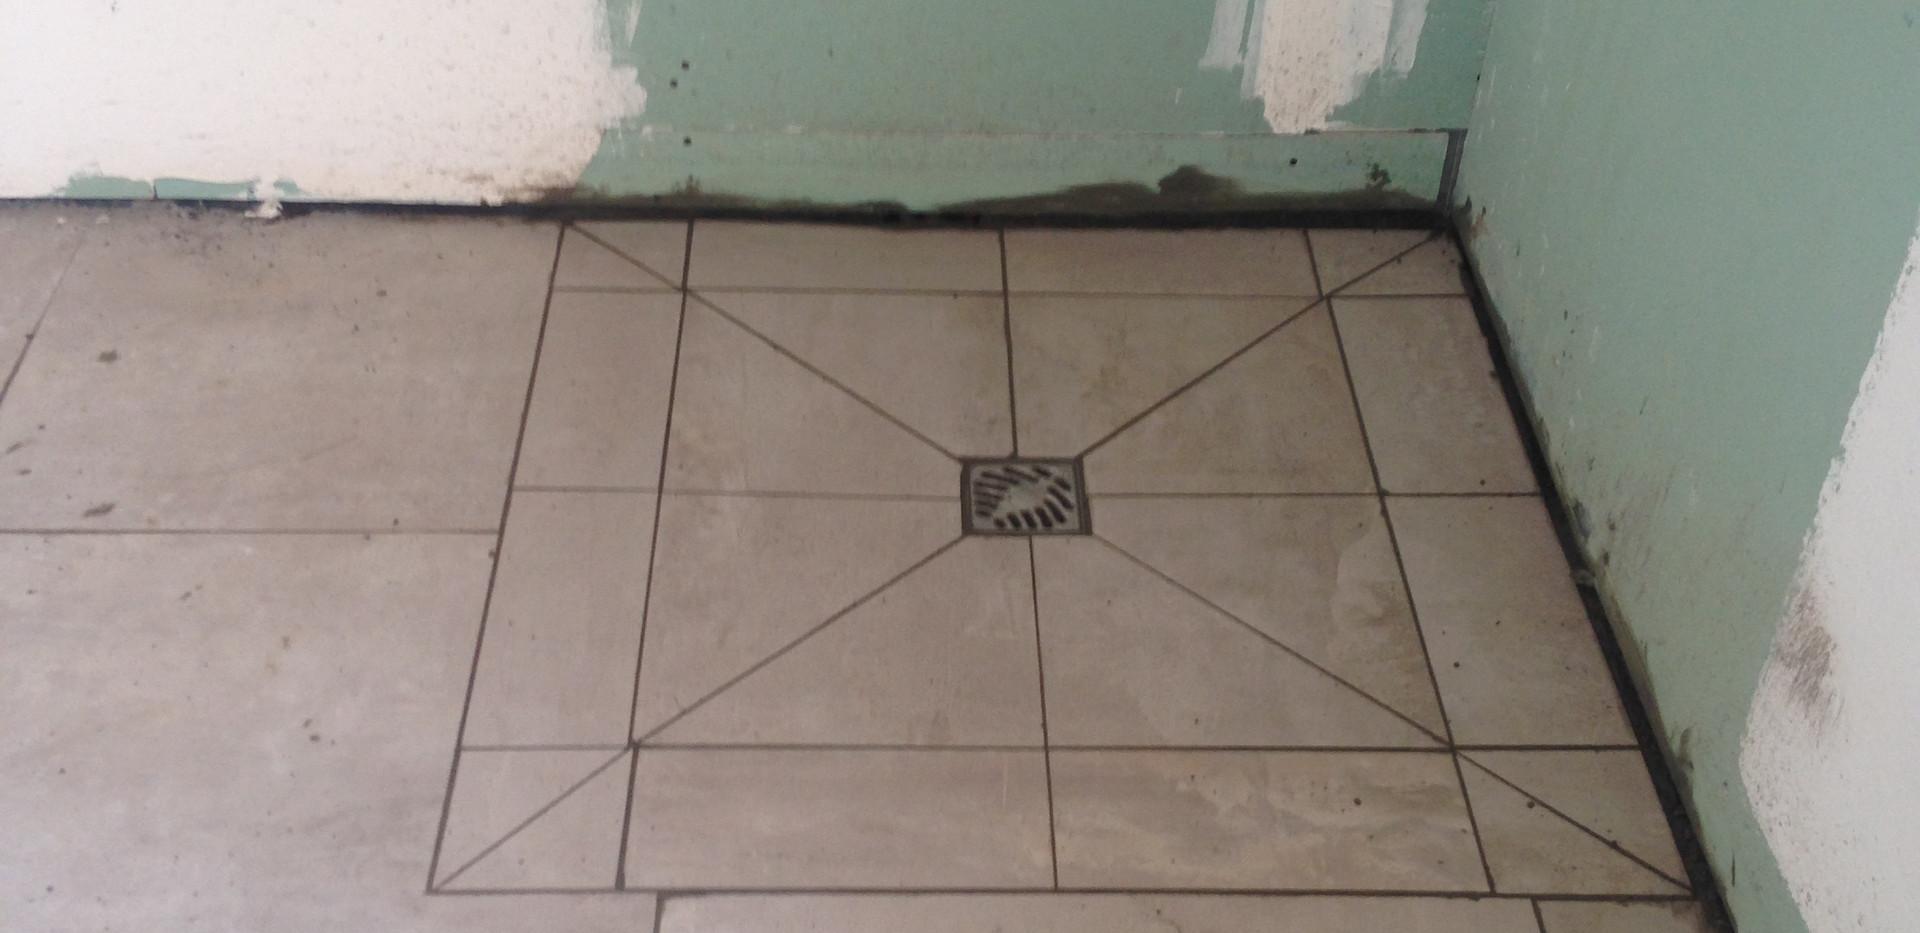 Travaux aménagement intérieur et extérieur 26 ESO BTP - Travaux de construction et rénovation - Guadeloupe